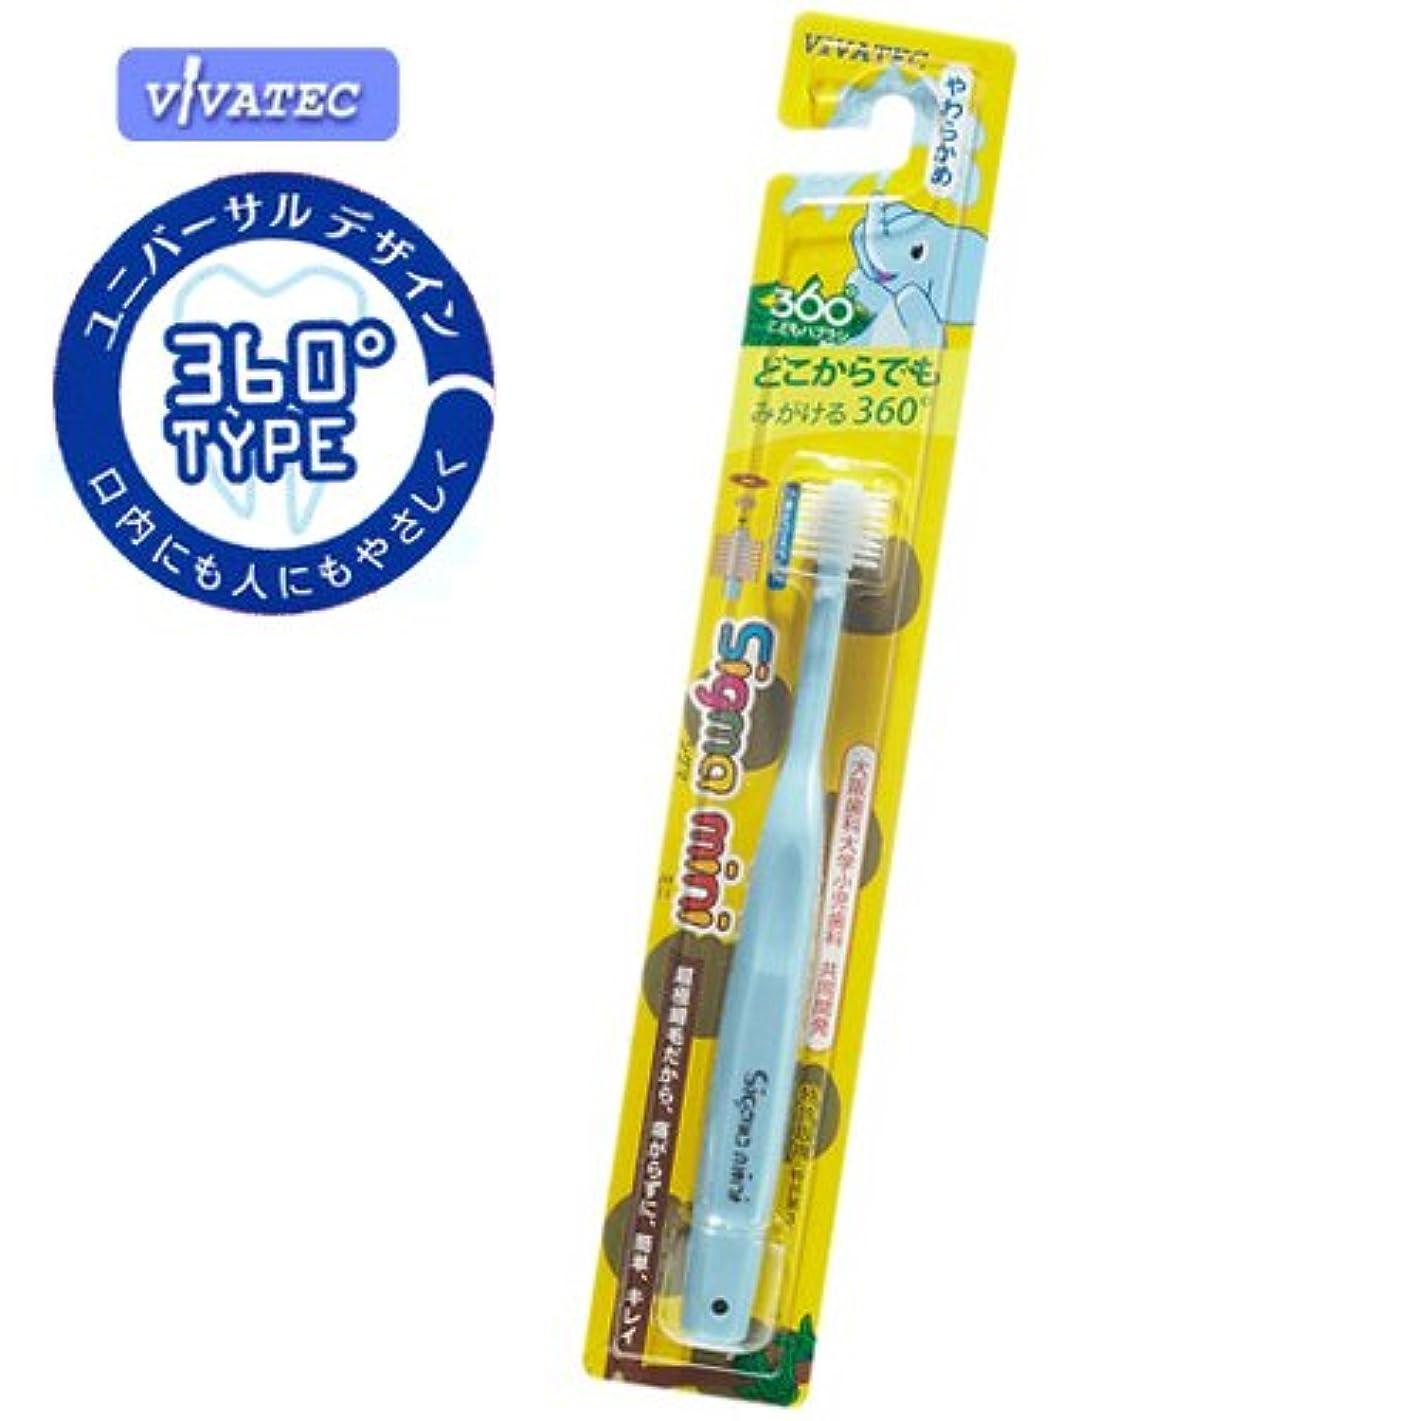 ちなみにカスケード人気の子供用360度歯ブラシ シグマミニ(ブルー)やわらか